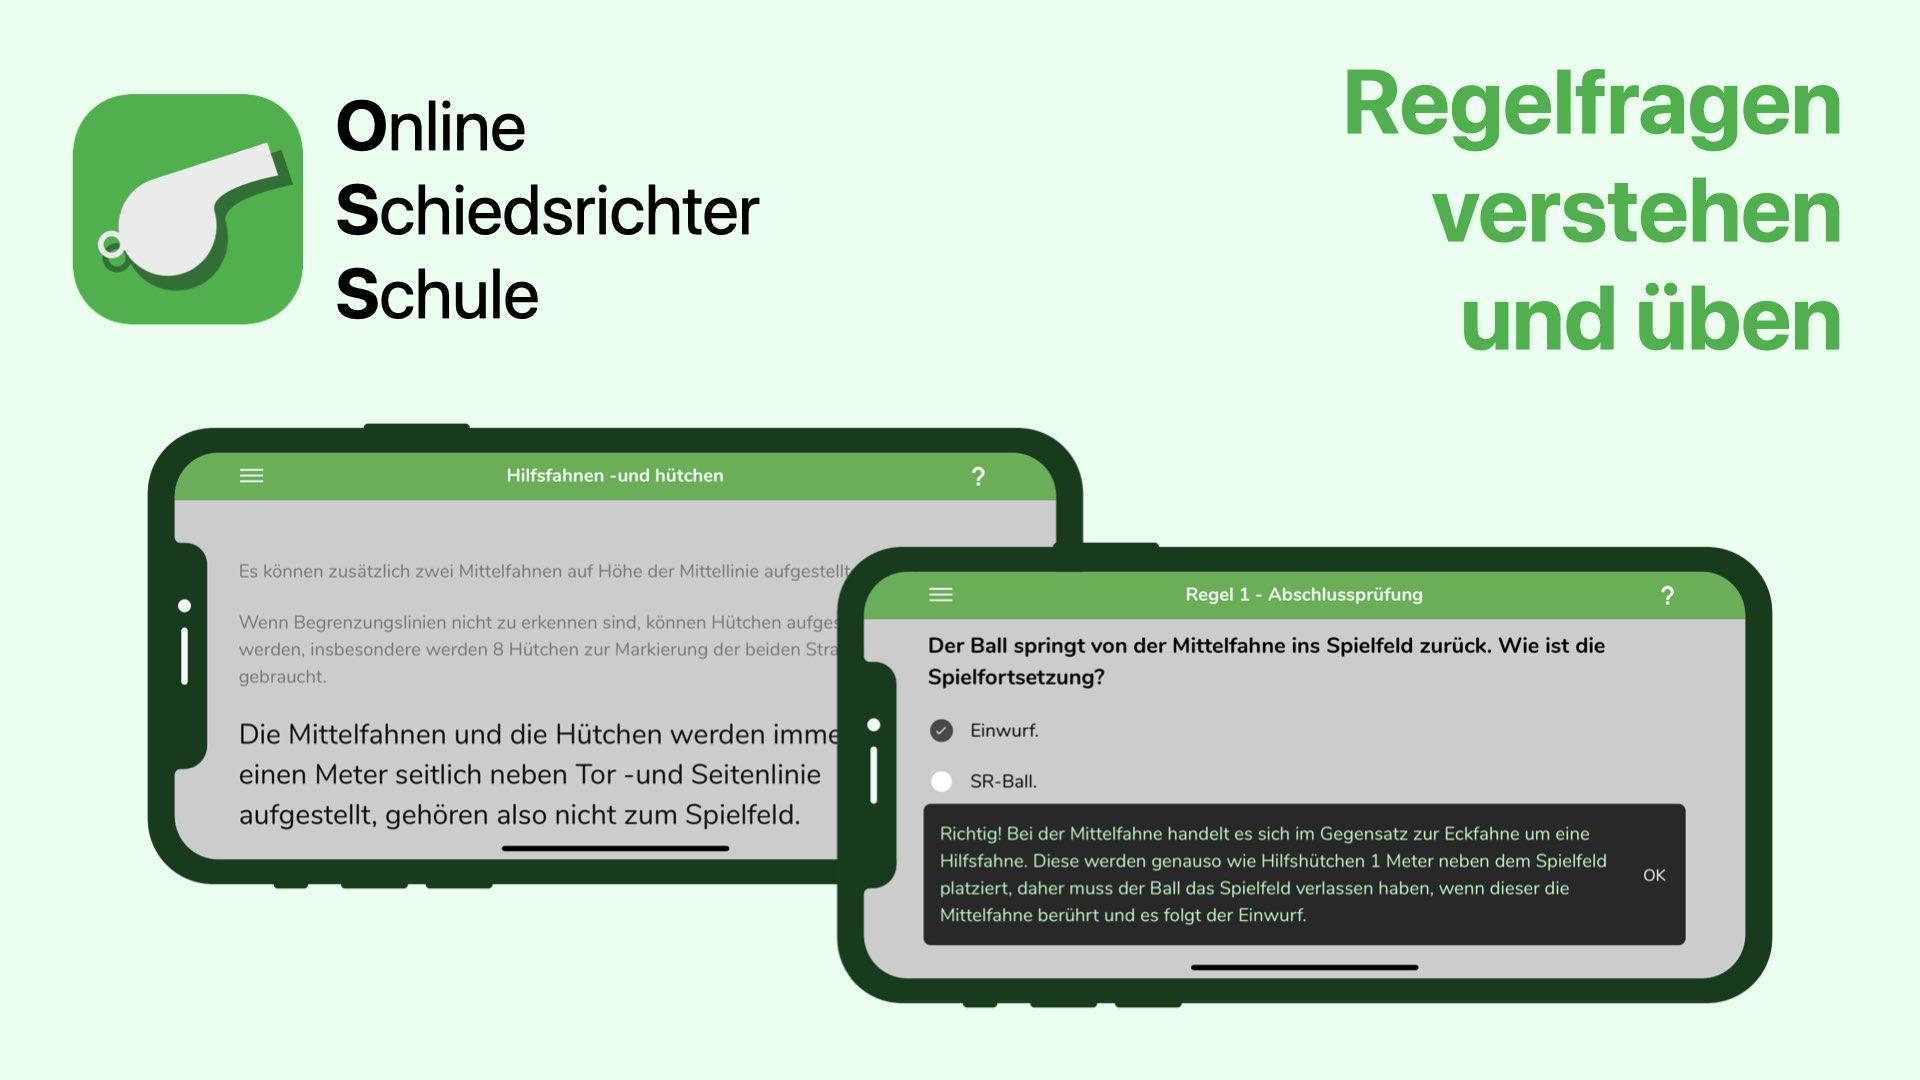 Screenshots der OSS-App (Online Schiedsrichter Schule) - Schiedsrichter Regelfragen üben und Vorbereitung auf die DFB Schiedsrichter Prüfung